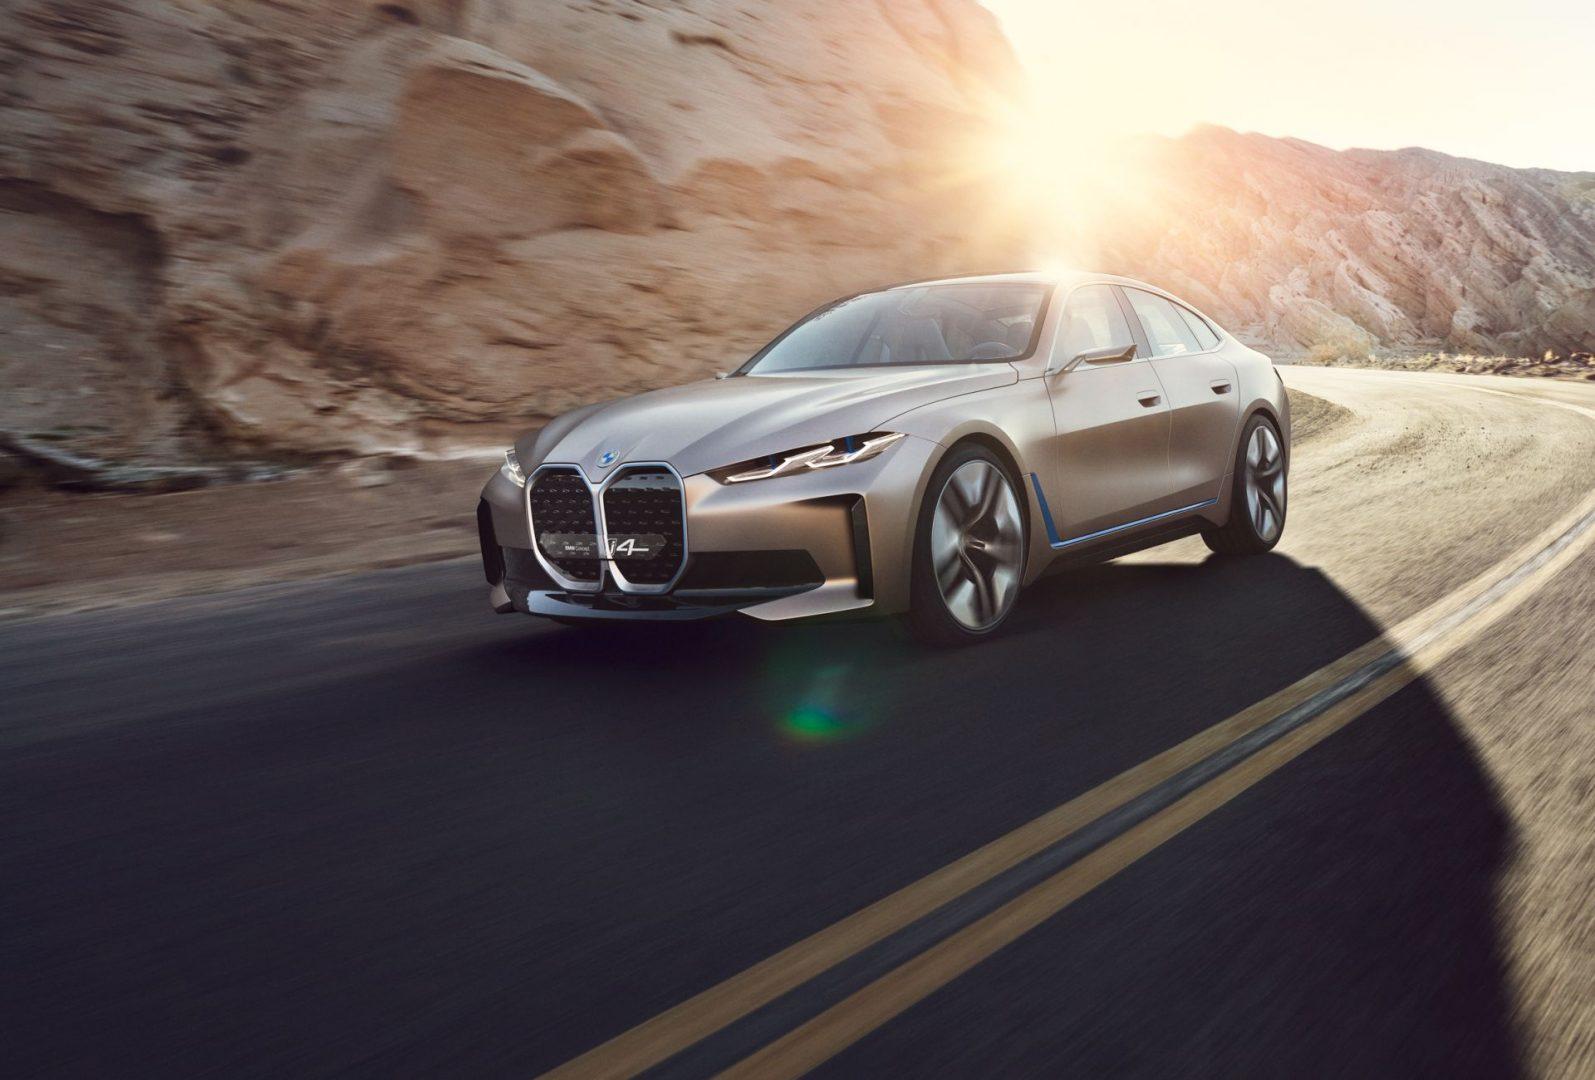 Koncept i4 najavljuje budućnost BMW-a i prikazuje redizajnirani logo marke